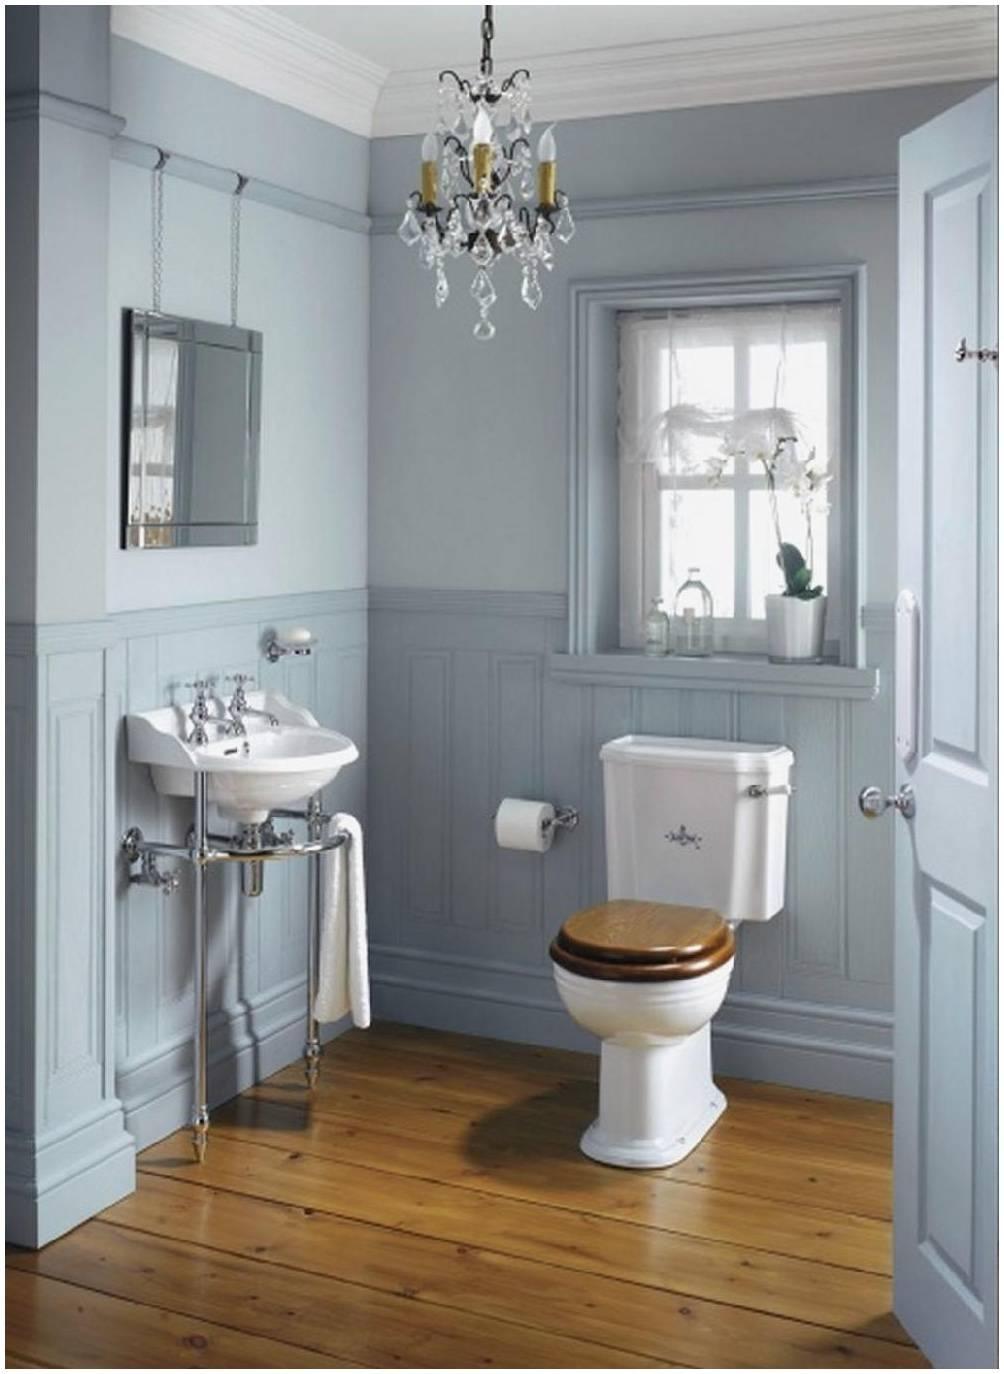 25 Ideas of Vintage Style Bathroom Mirrors